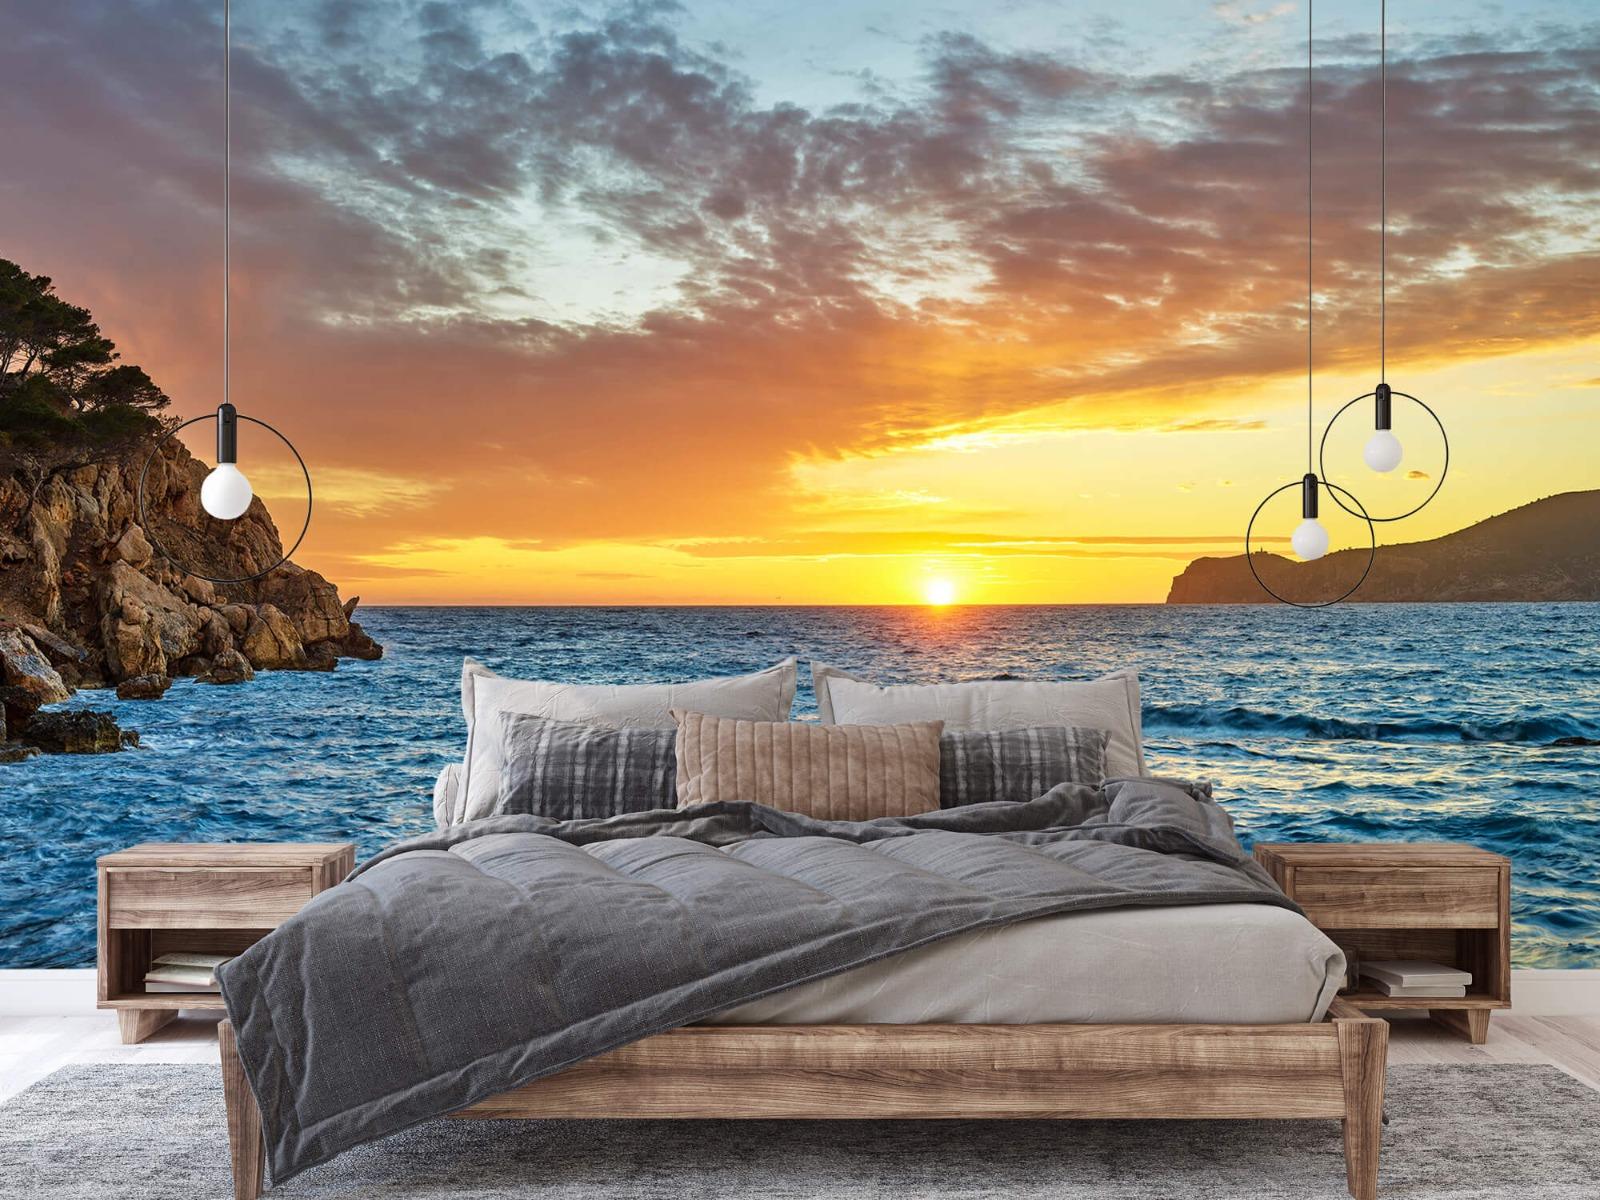 Zon - Zonsondergang op een eiland - Slaapkamer 2